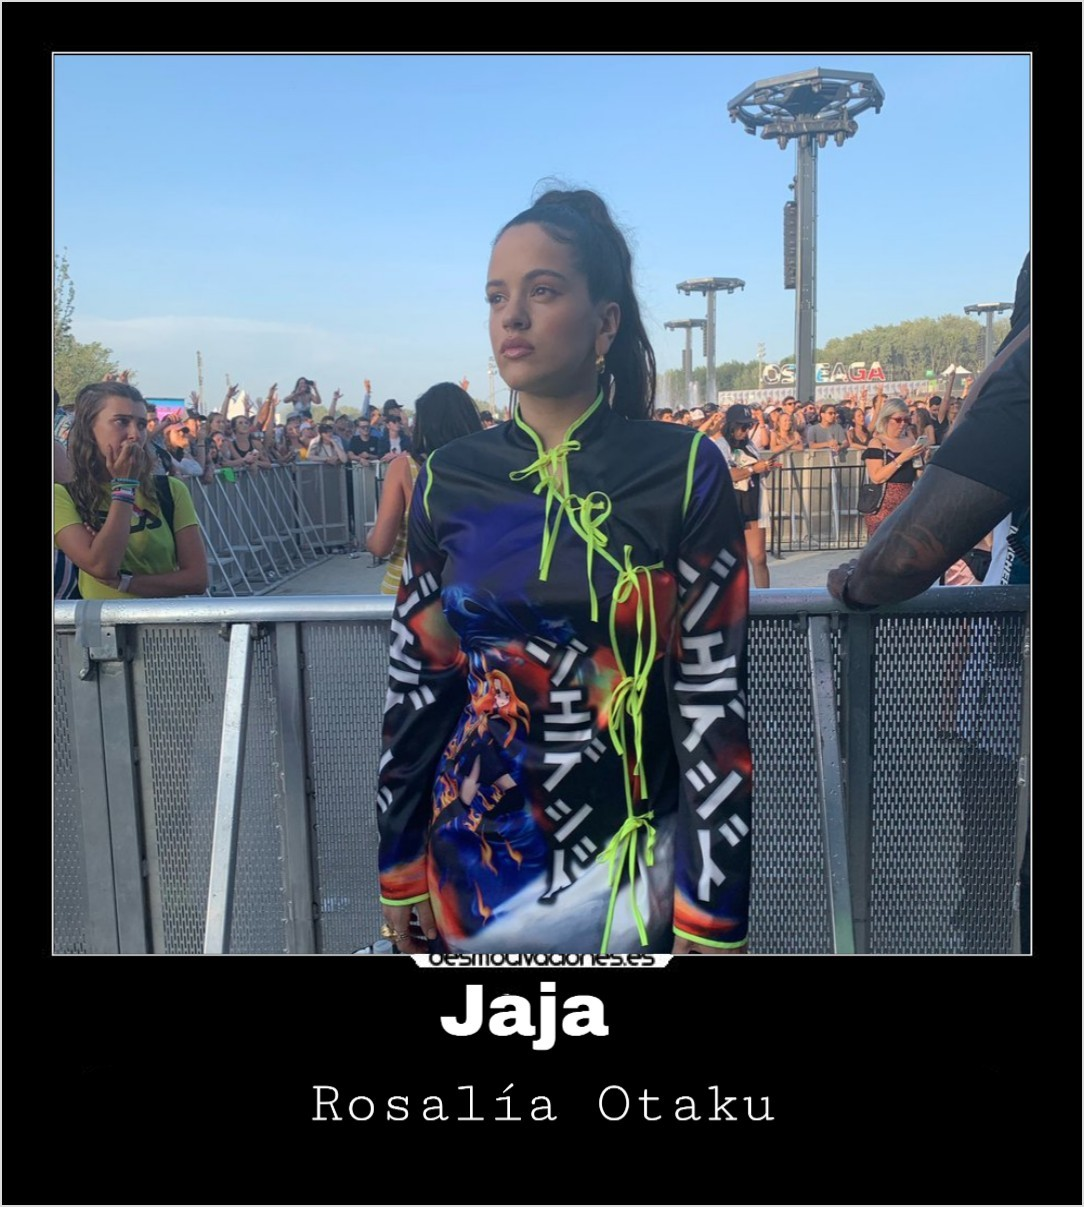 Rosalía otaku - meme